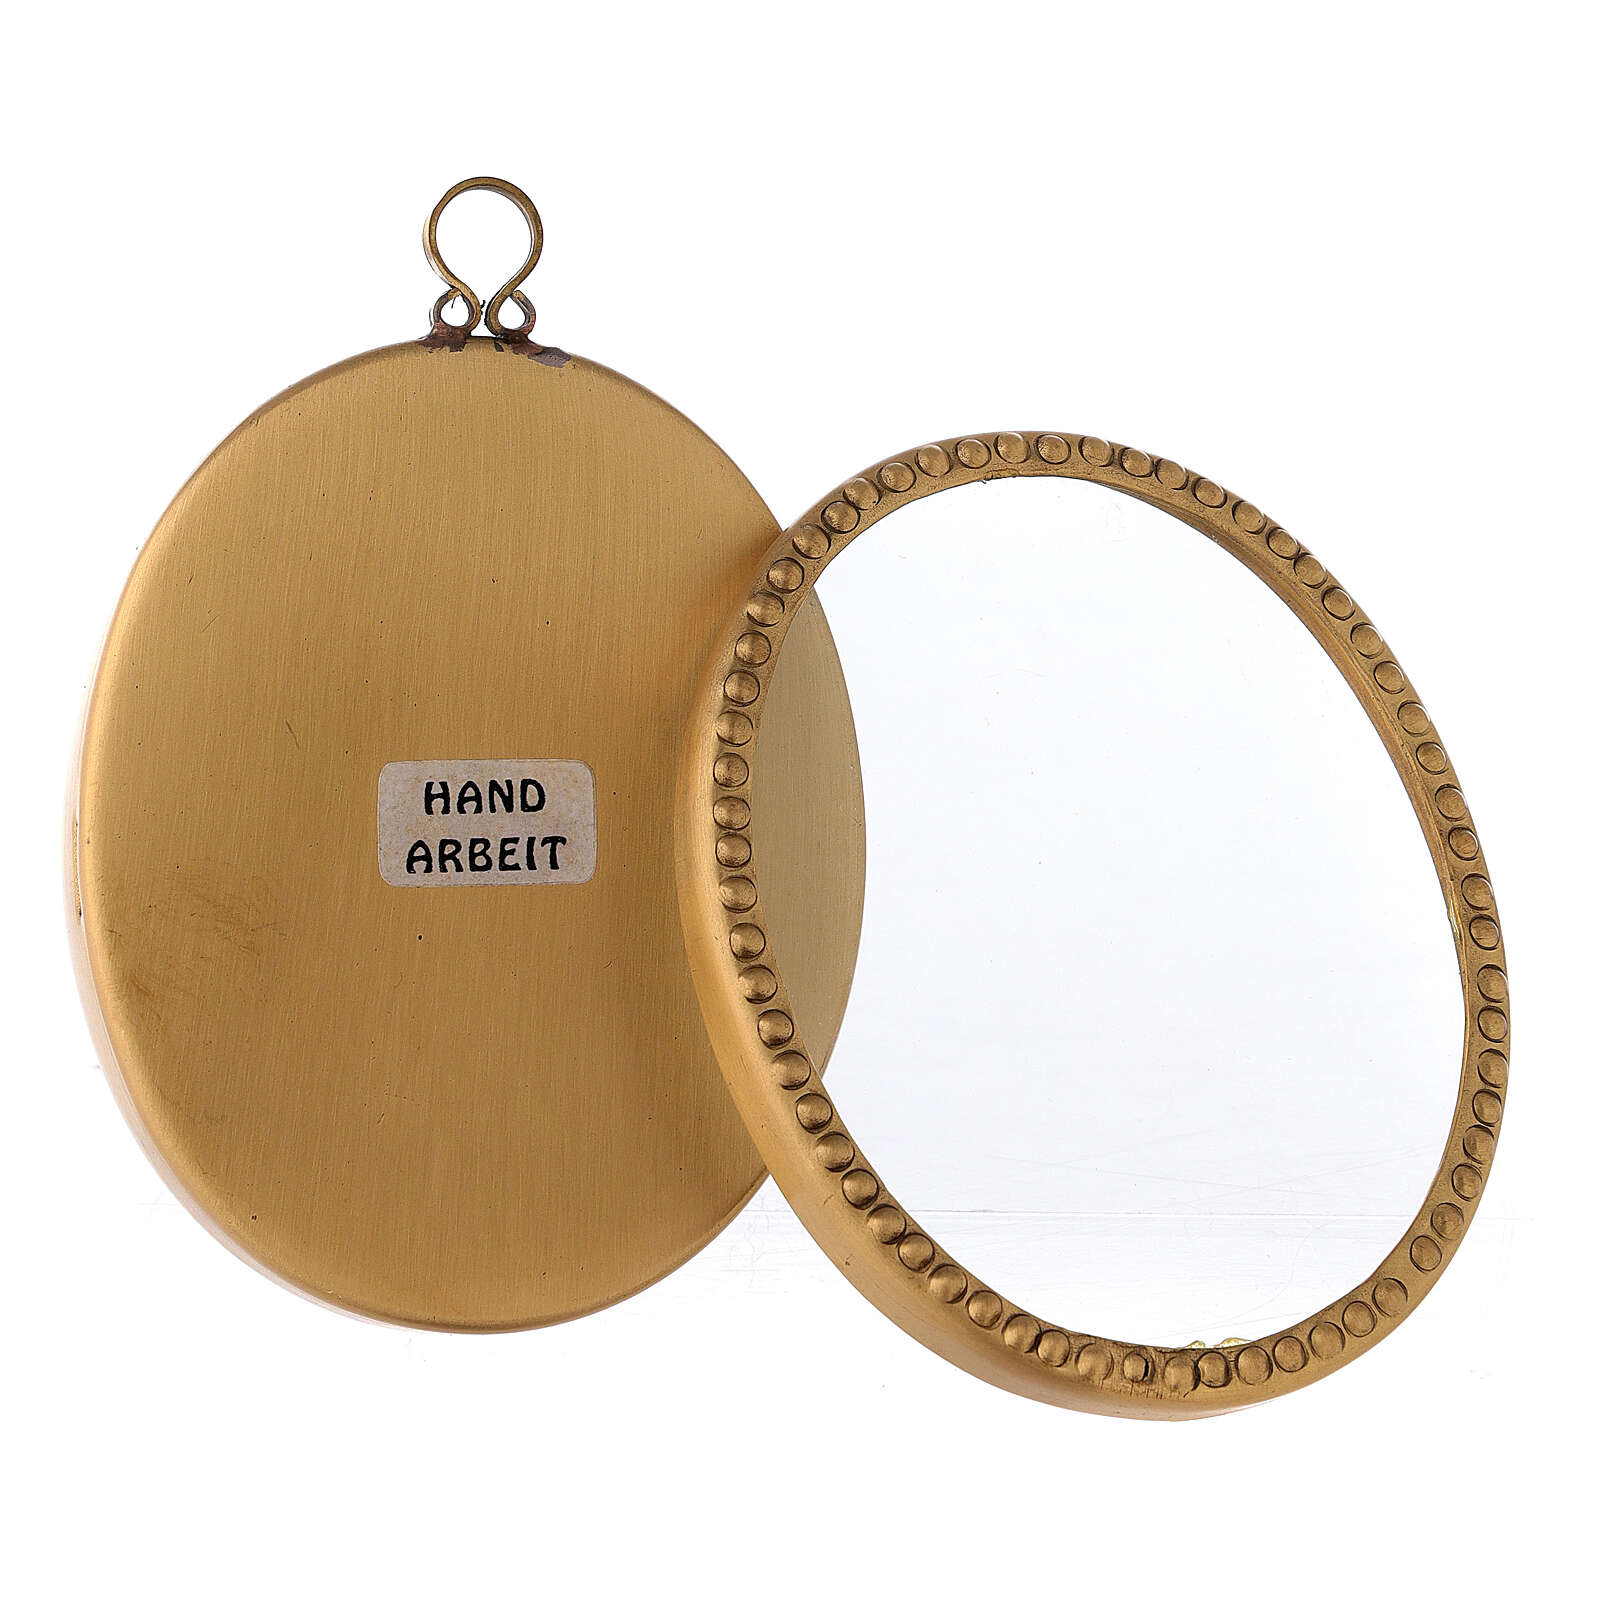 Reliquiario da parete ottone dorato ovale 10 cm perline 4